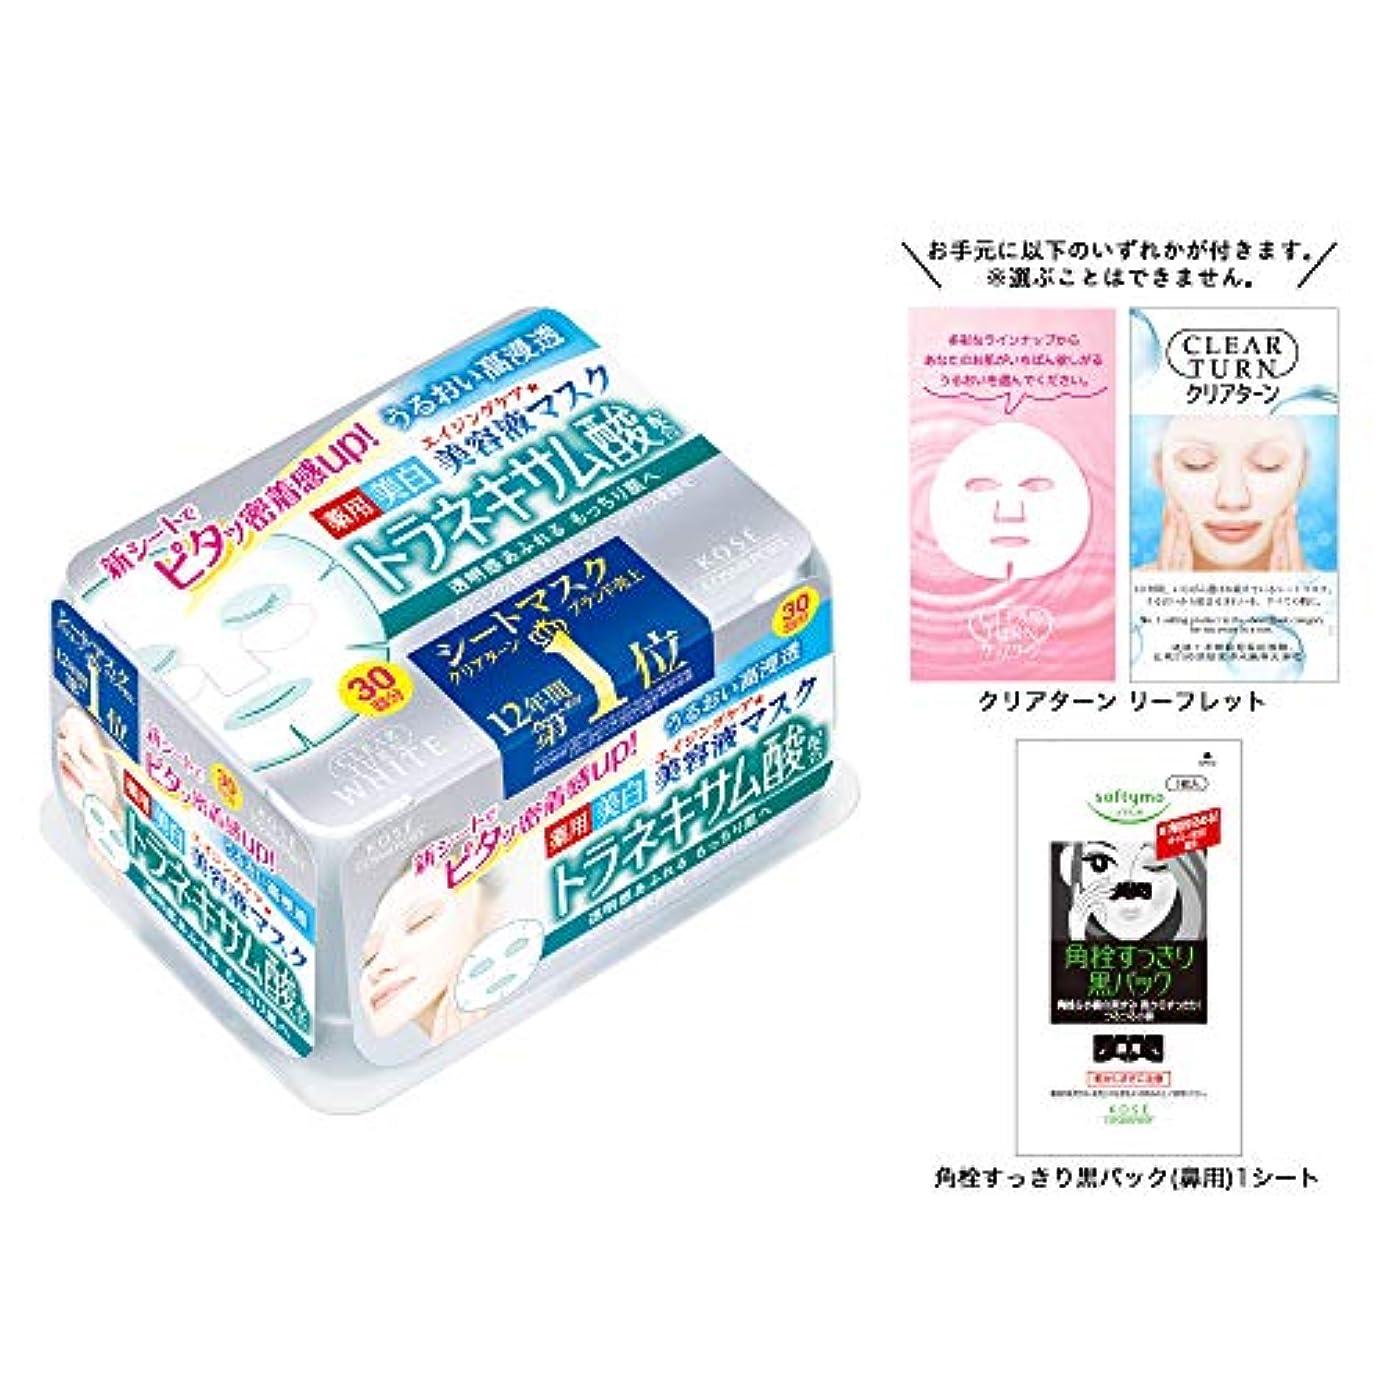 コンペストッキングまさに【Amazon.co.jp限定】KOSE コーセー クリアターン エッセンス マスク (トラネキサム酸) 30枚 おまけ付 フェイスマスク (医薬部外品)